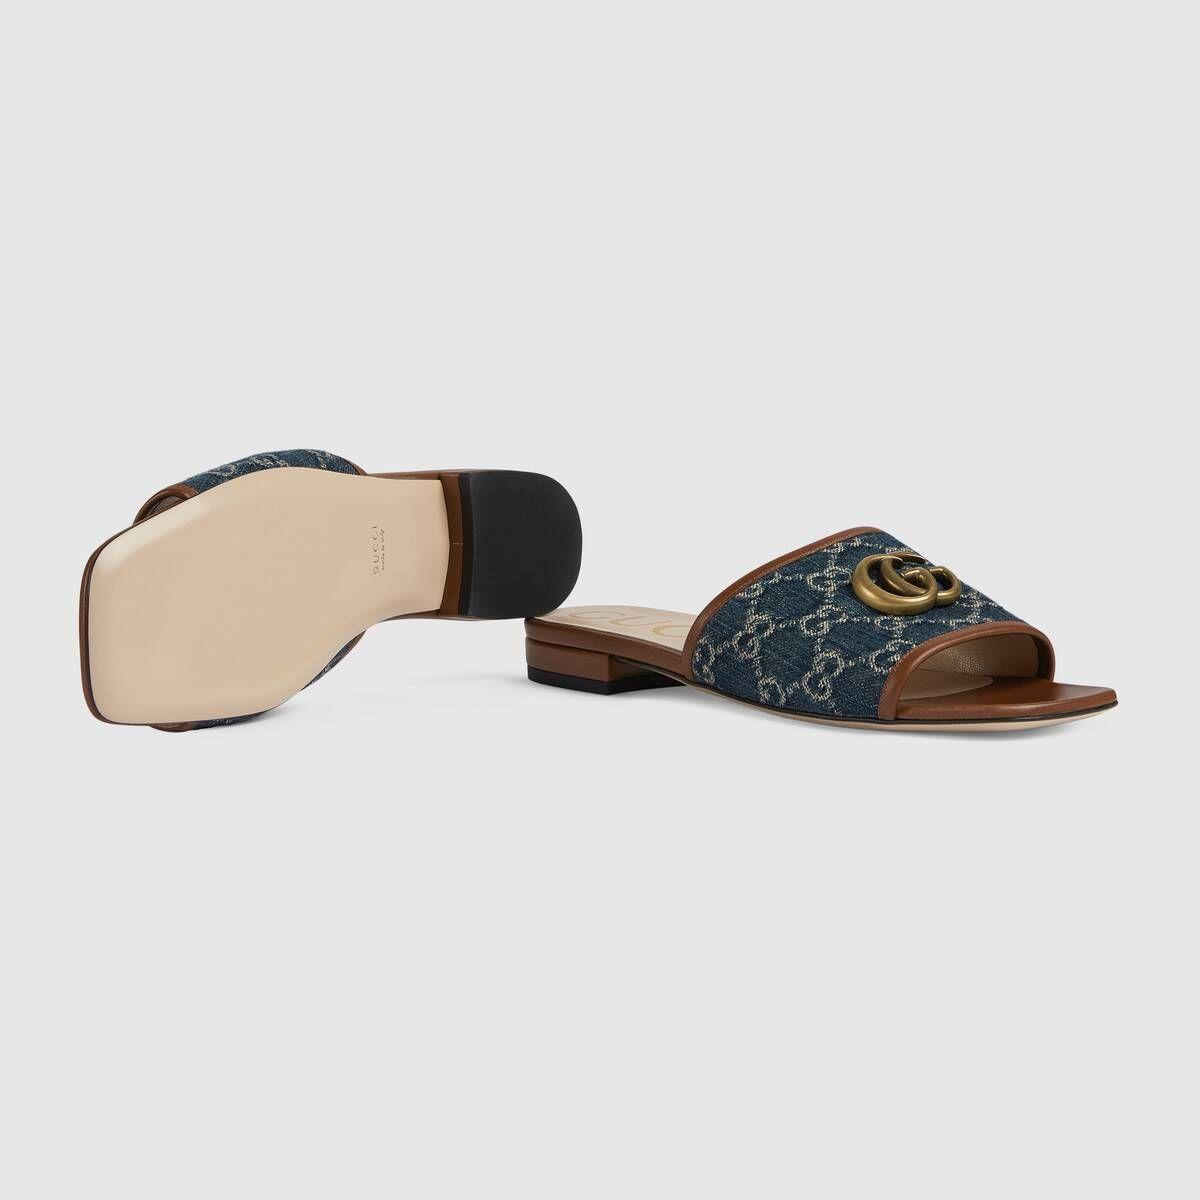 #PopbelaOOTD: Upgrade Gaya Sehari-hari dengan Sandal Kekinian